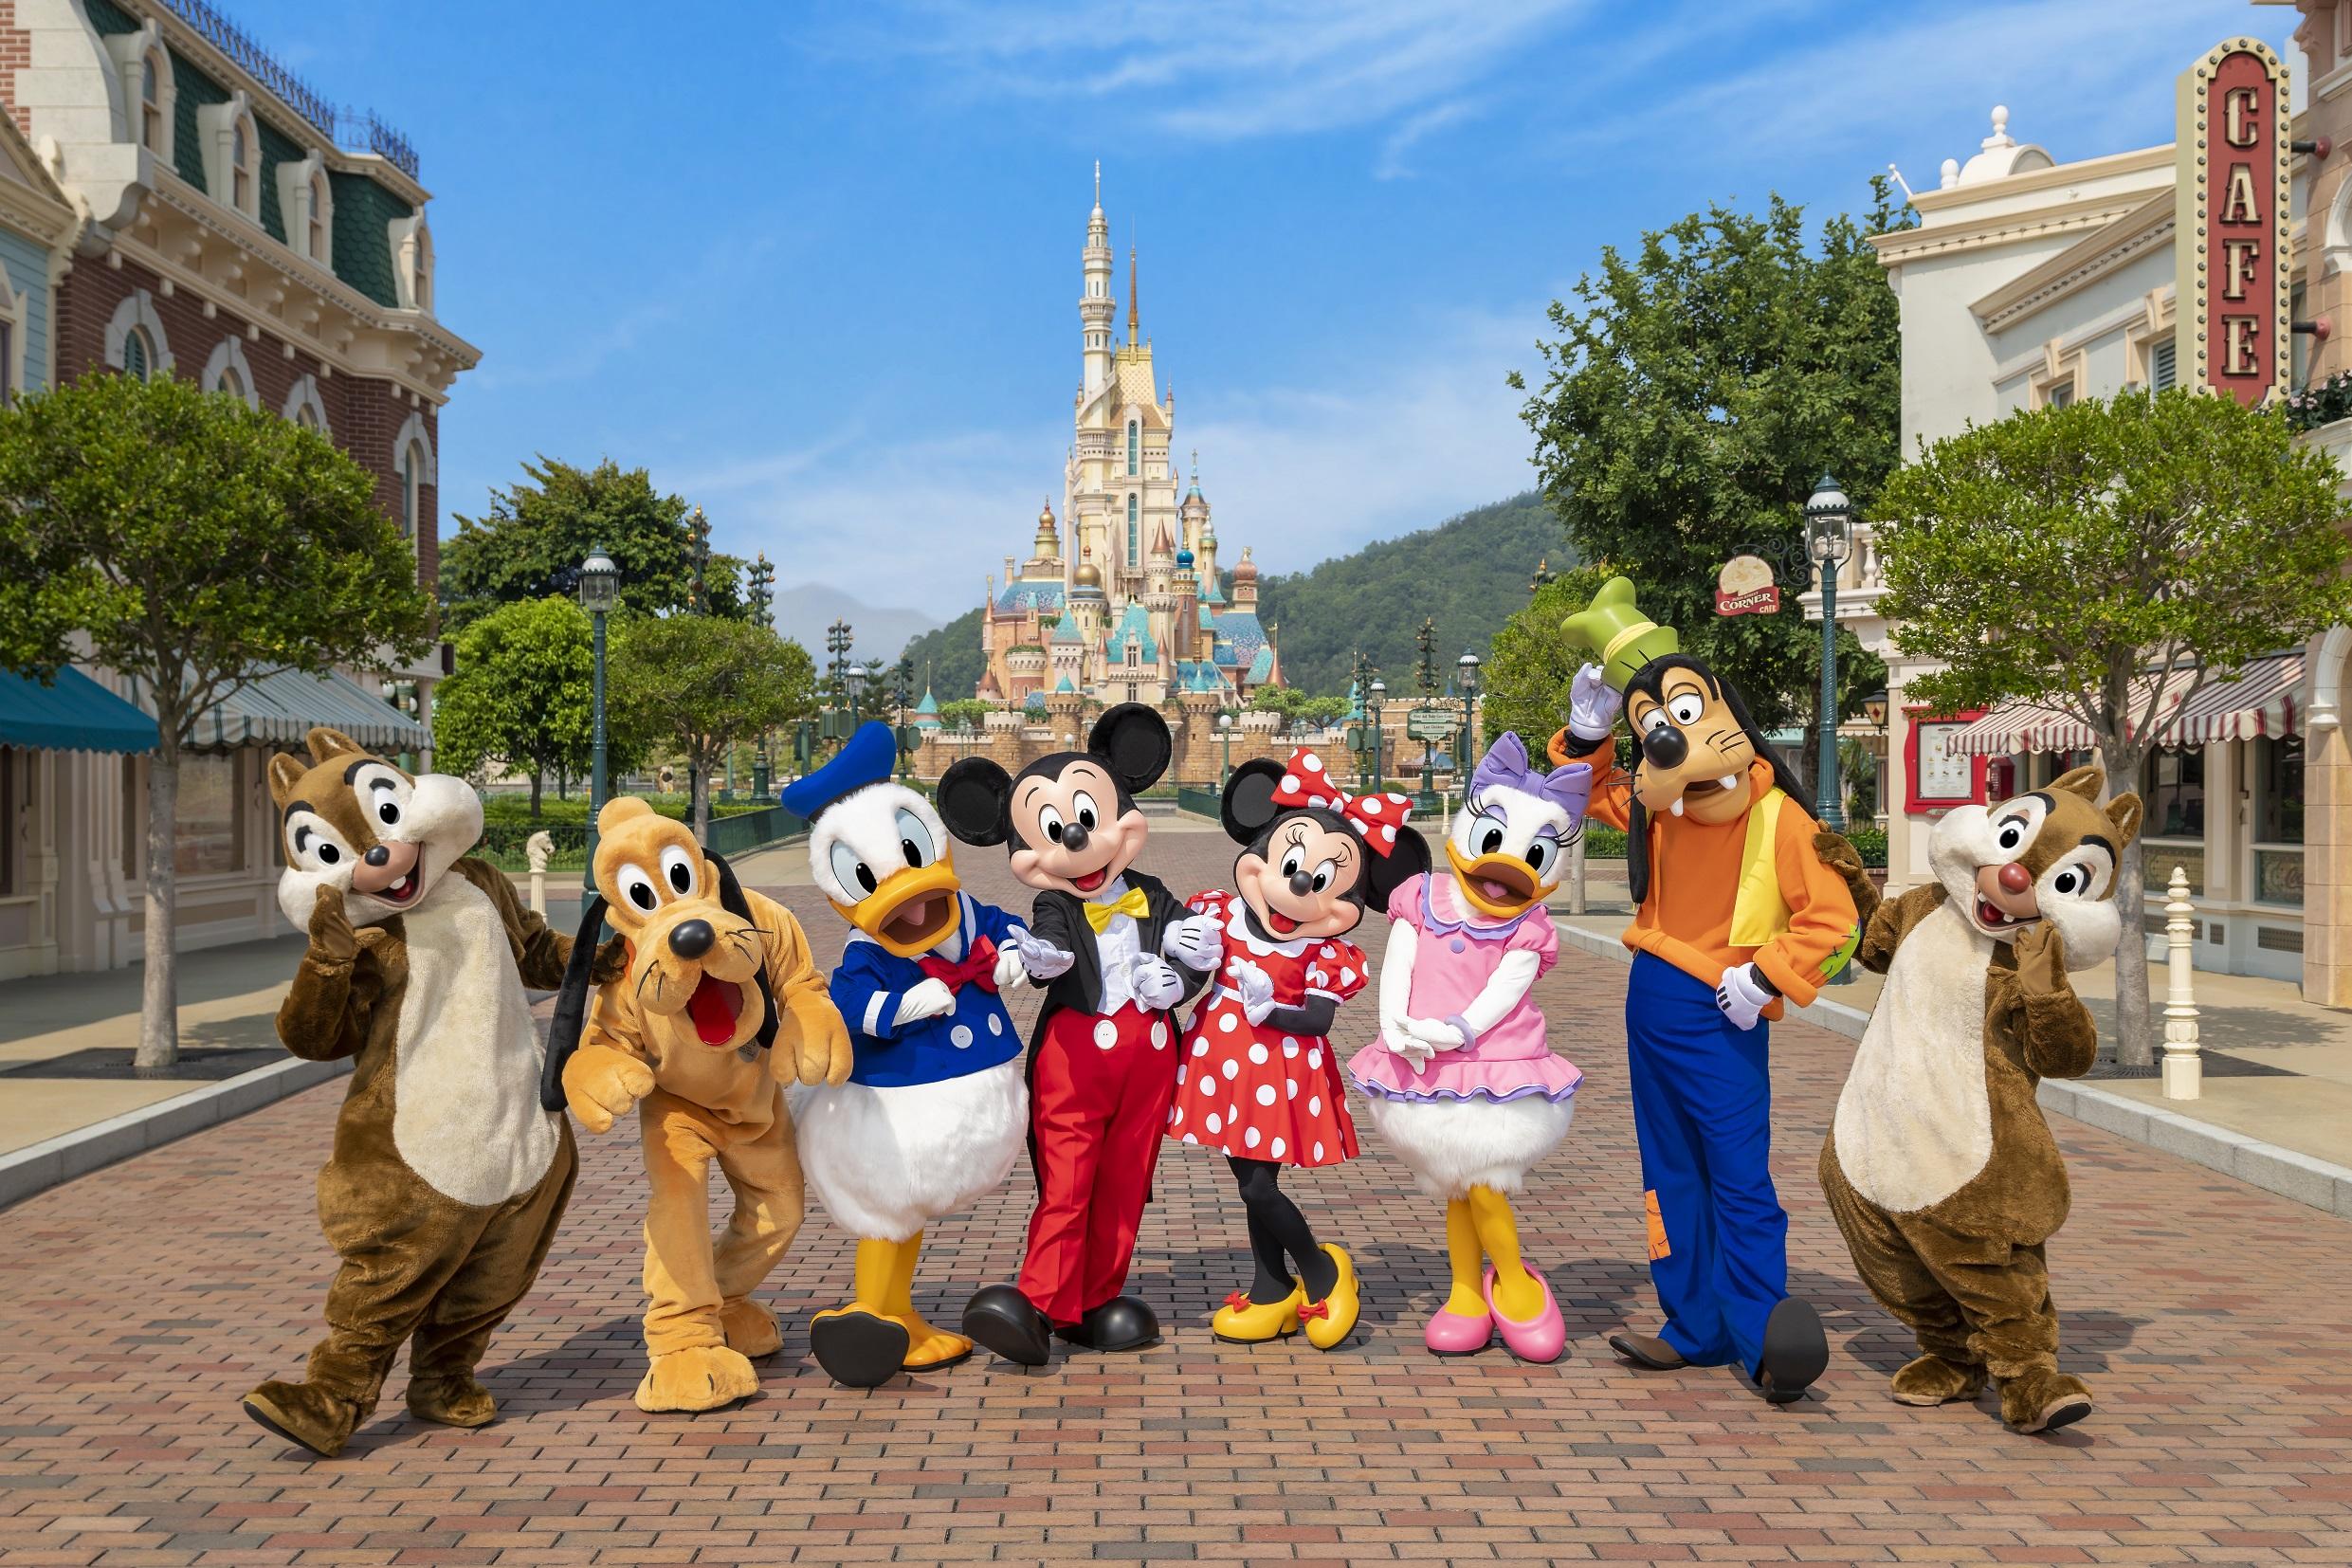 Hong Kong Disneyland reopens as COVID-19 eases